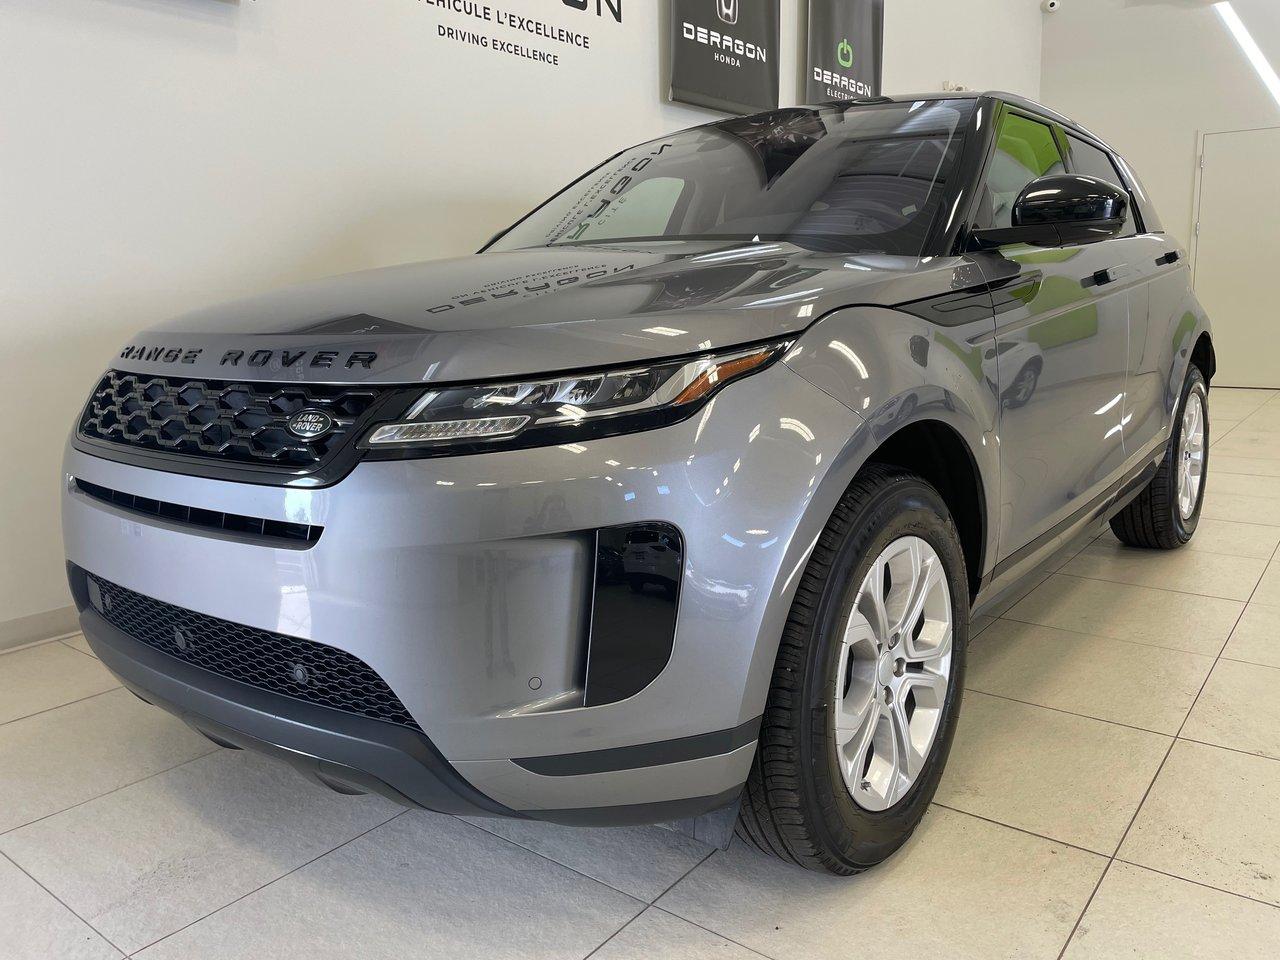 Land Rover Range Rover Evoque 2020 S P250, NAV, TOIT PANO, CAMÉRA, PARK ASSIST